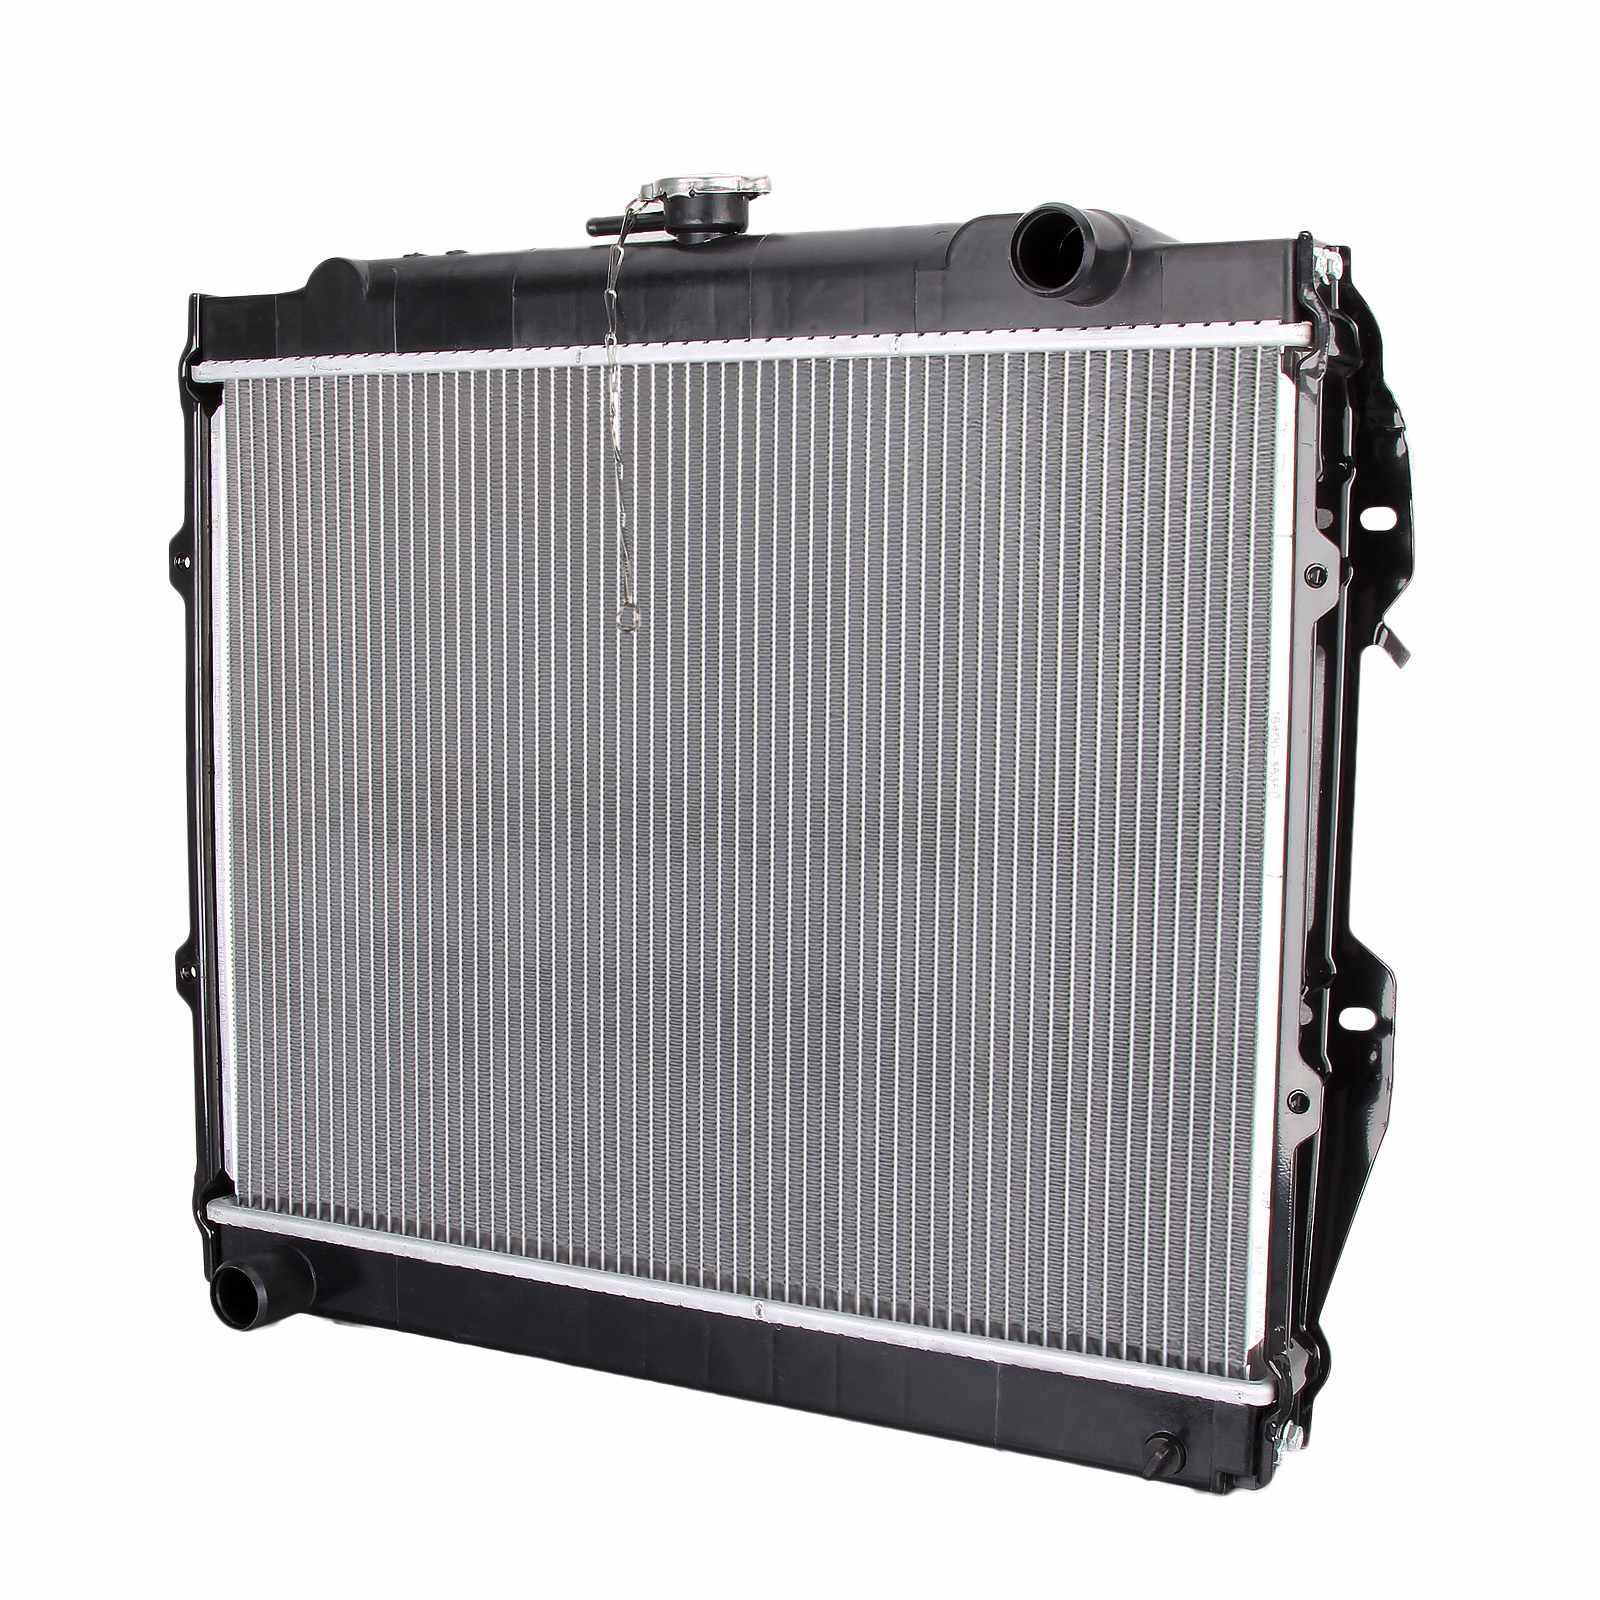 Radiator For Toyota Hilux 22R Petrol RN85 YN85 RN90 '88-'97 Core H-400mm #Manual